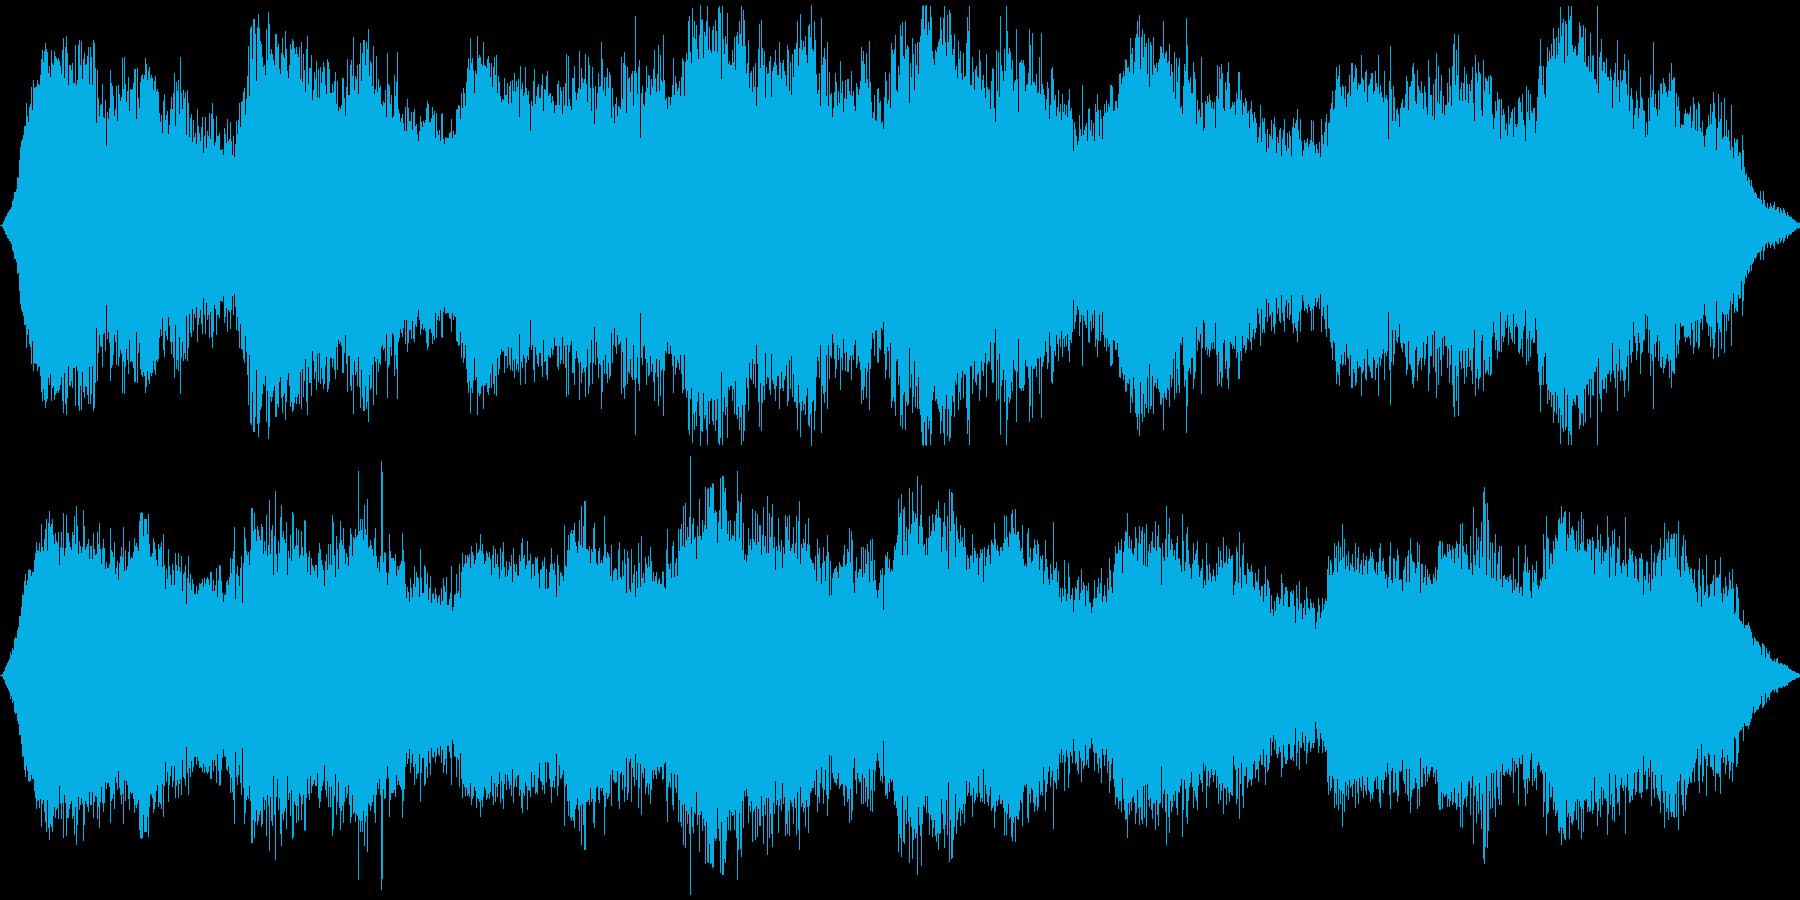 宇宙をイメージしたアンビエントですの再生済みの波形